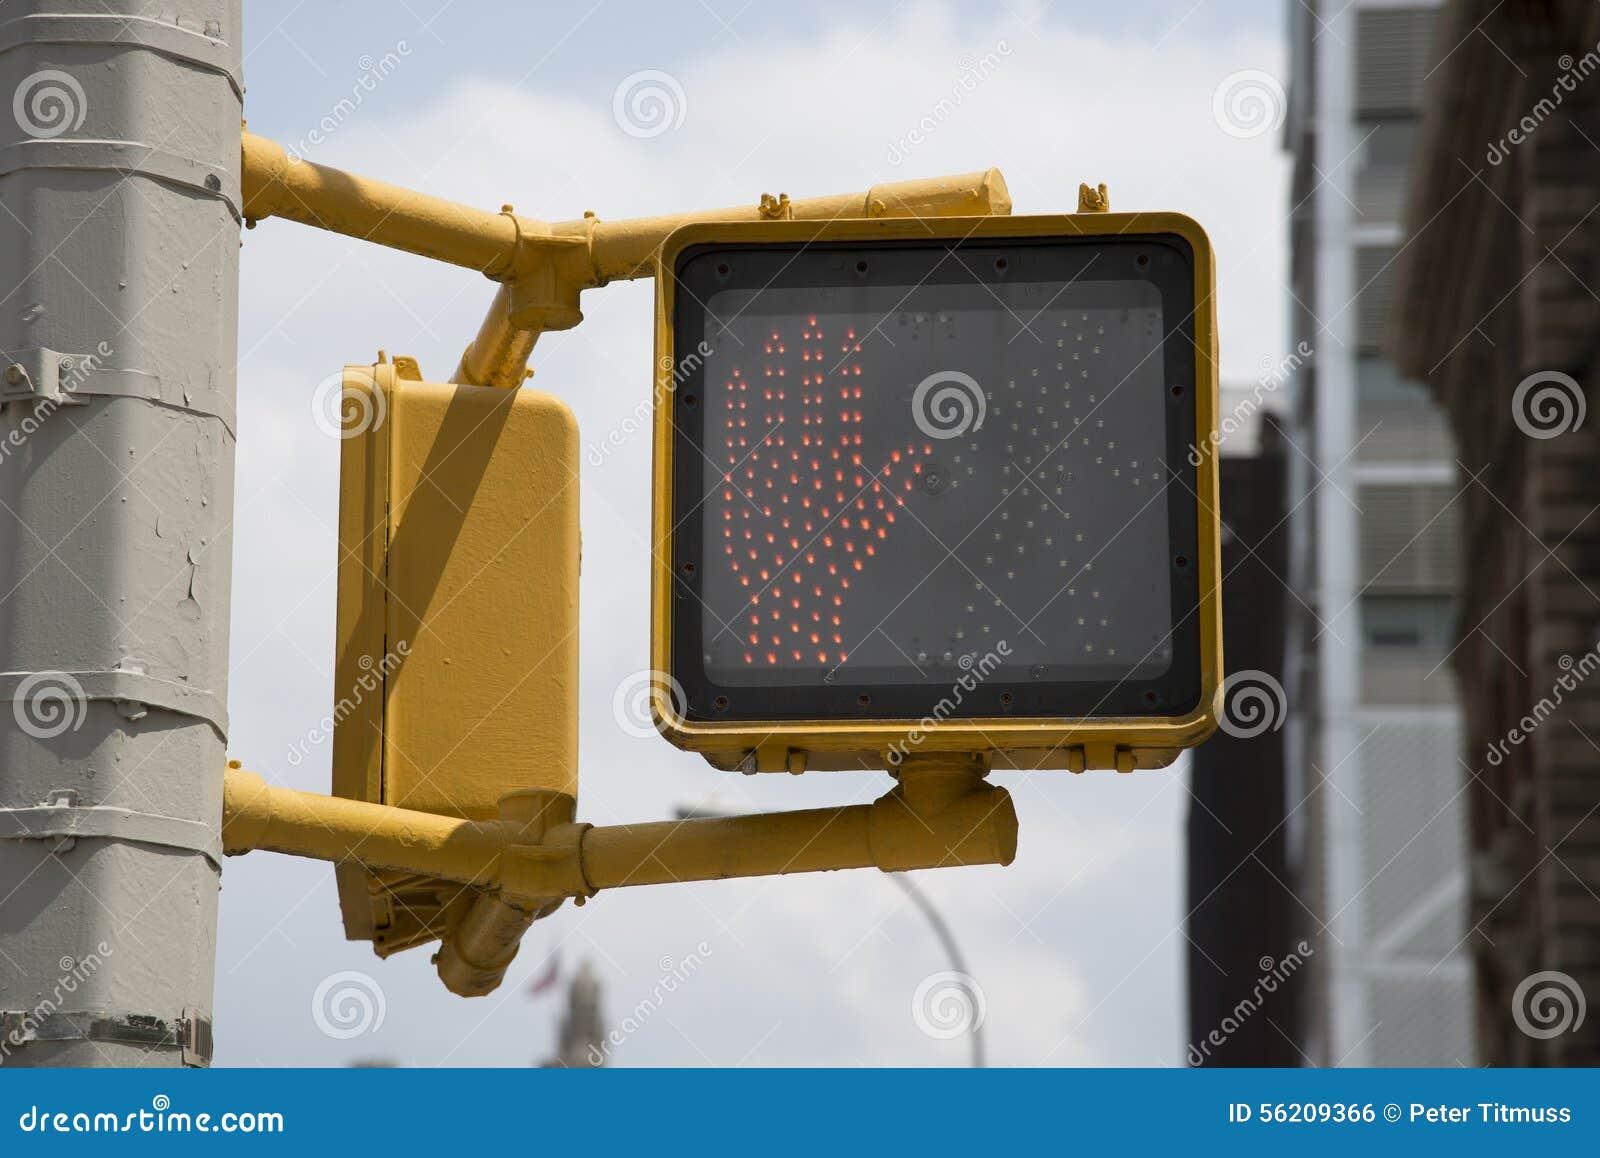 Roadside safety do not cross  red hand  light